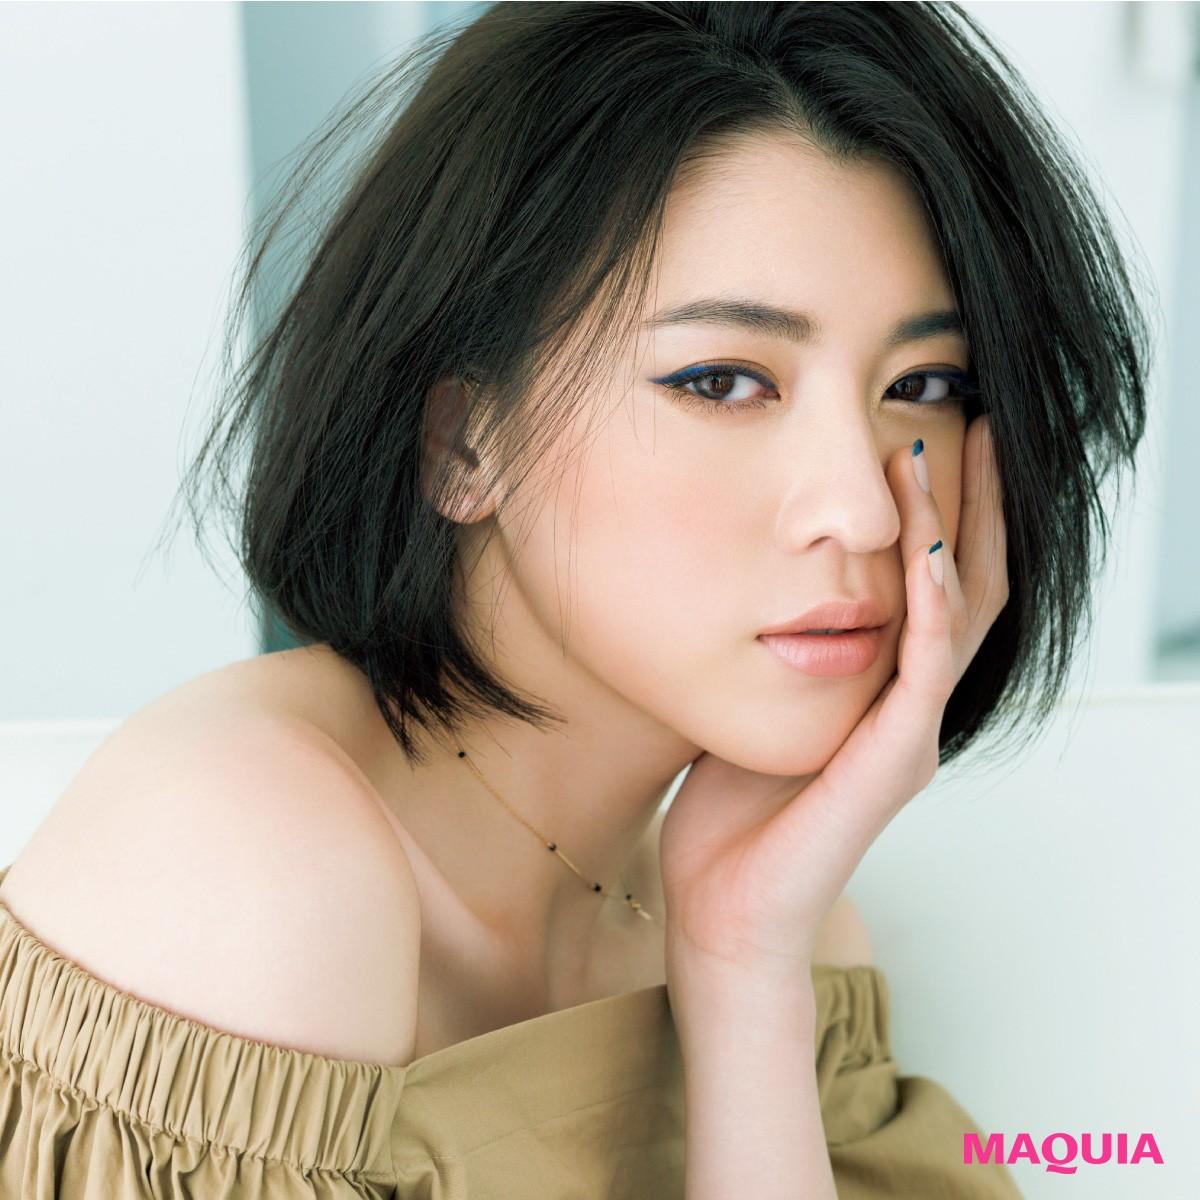 目元のイメージ変幻自在。三吉彩花さんが魅せるネイビーアイライナーを使った夏メイク